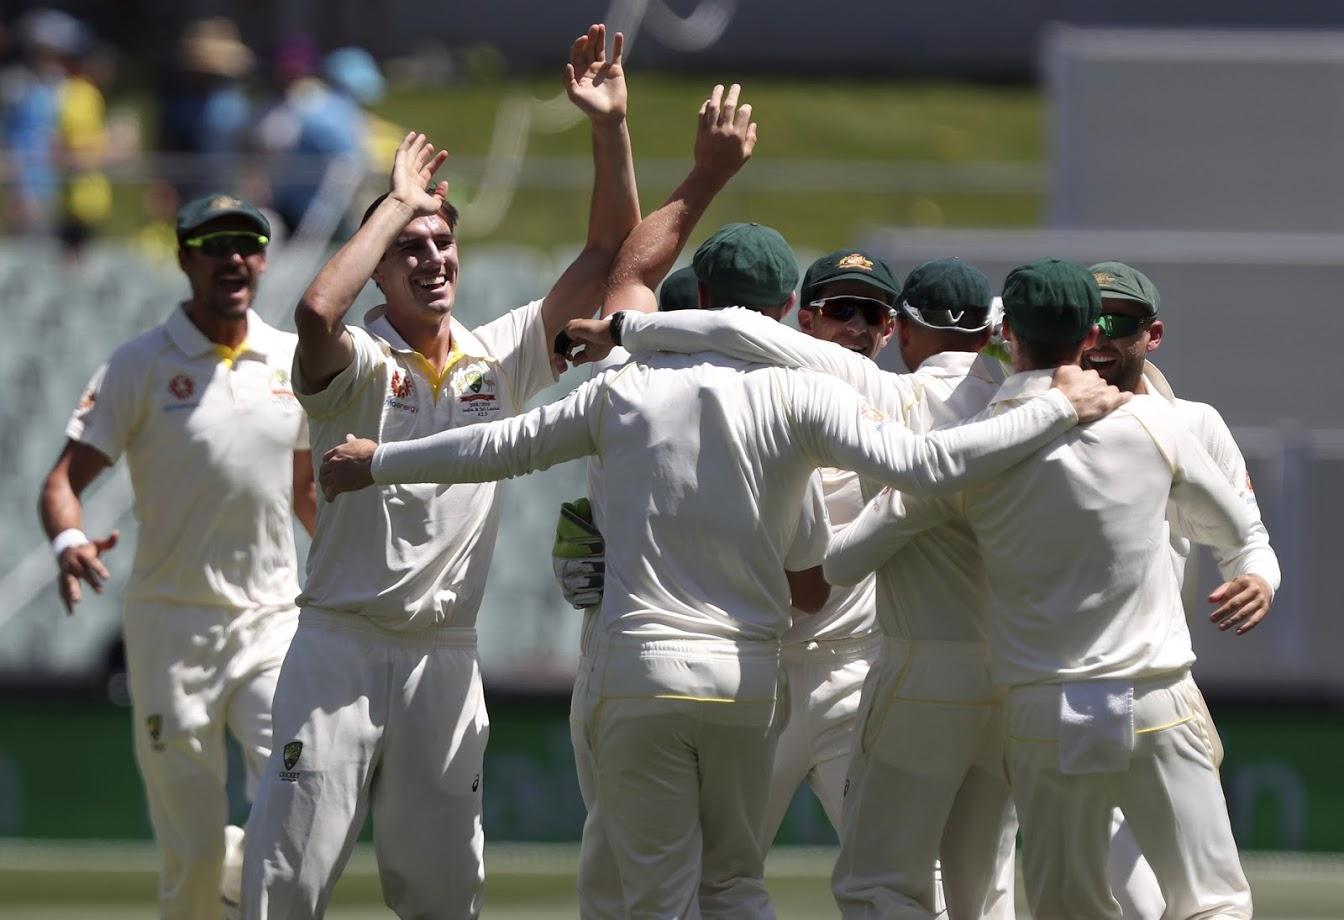 एडिलेडमध्ये ऑस्ट्रेलियाने मागील सलग ५ कसोटी सामने जिंकले आहेत. २०१२ मध्ये दक्षिण आफ्रिकेविरुद्धची मालिका अनिर्णित राहिली होती.